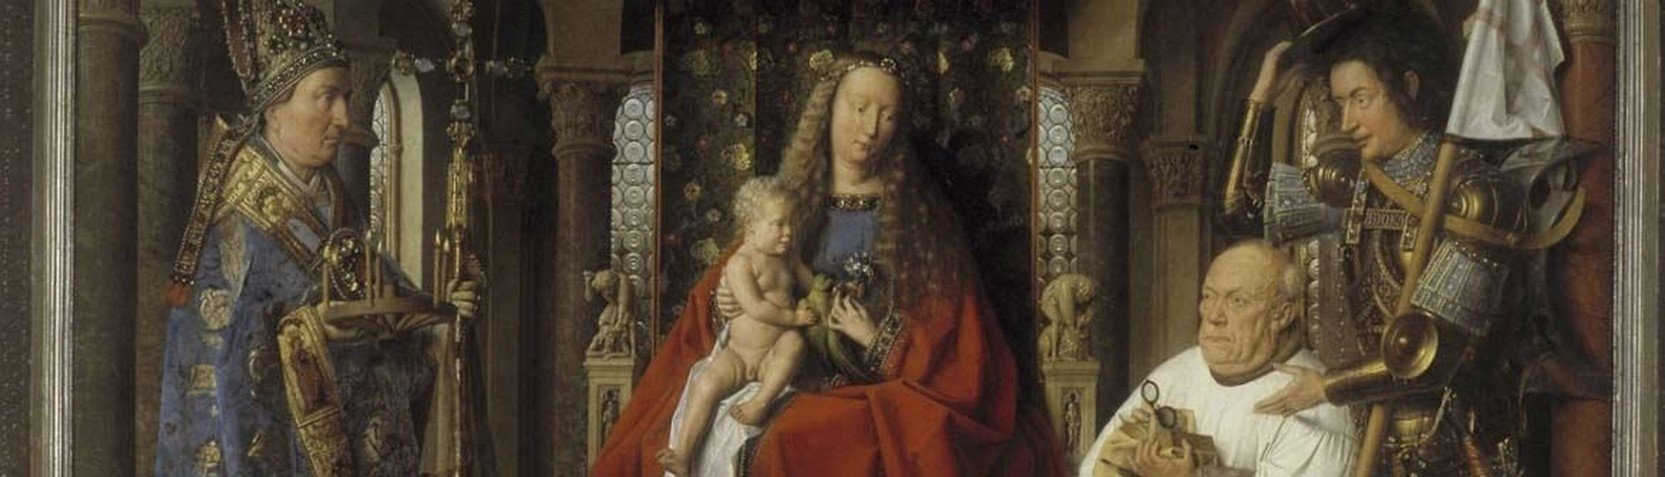 Artists - Jan van Eyck